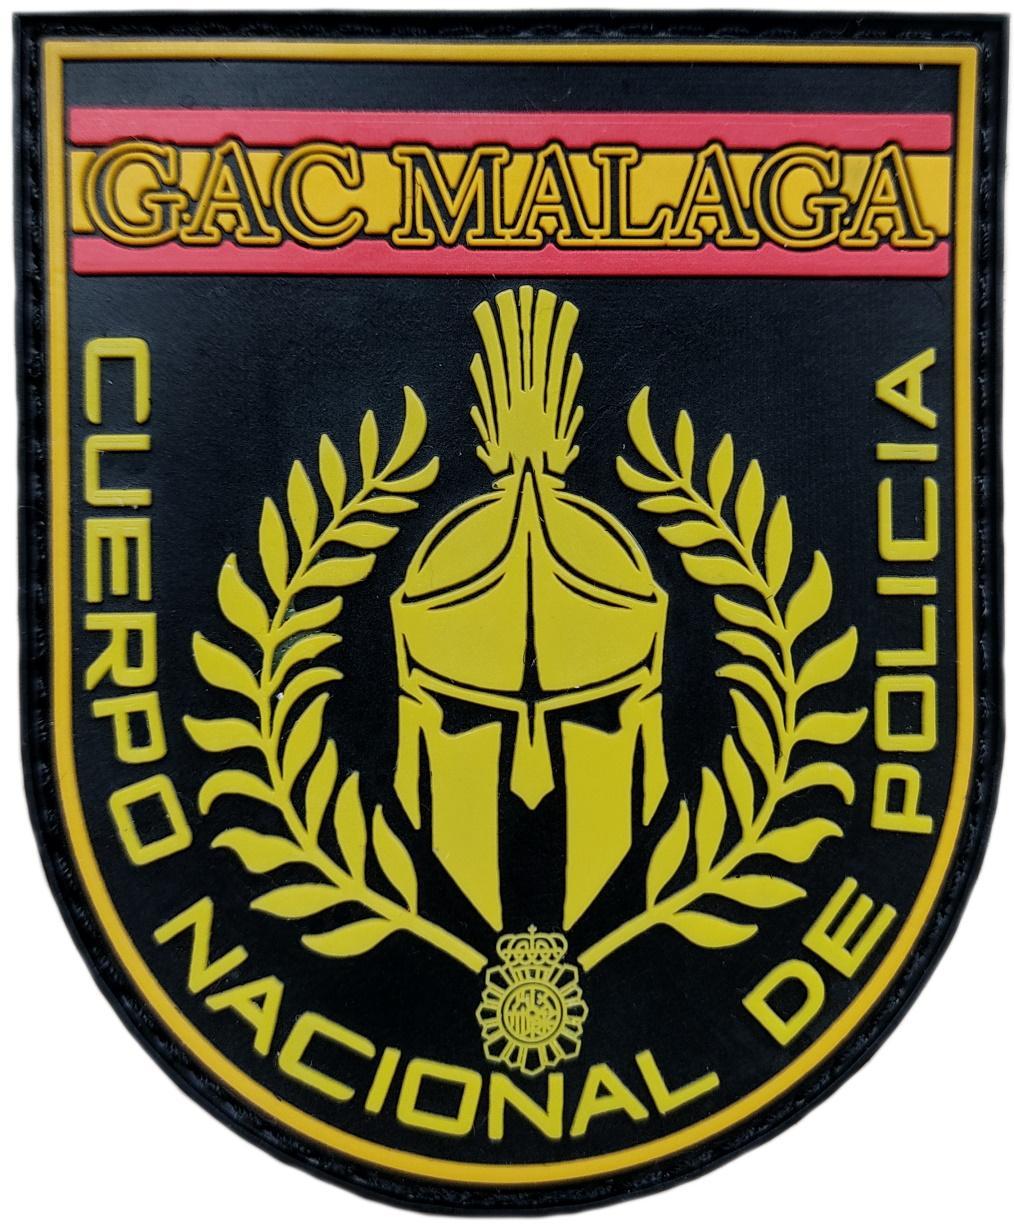 Policía Nacional CNP Grupo de Atención al Ciudadano GAC 091 Málaga Parche Insignia Emblema Distintivo